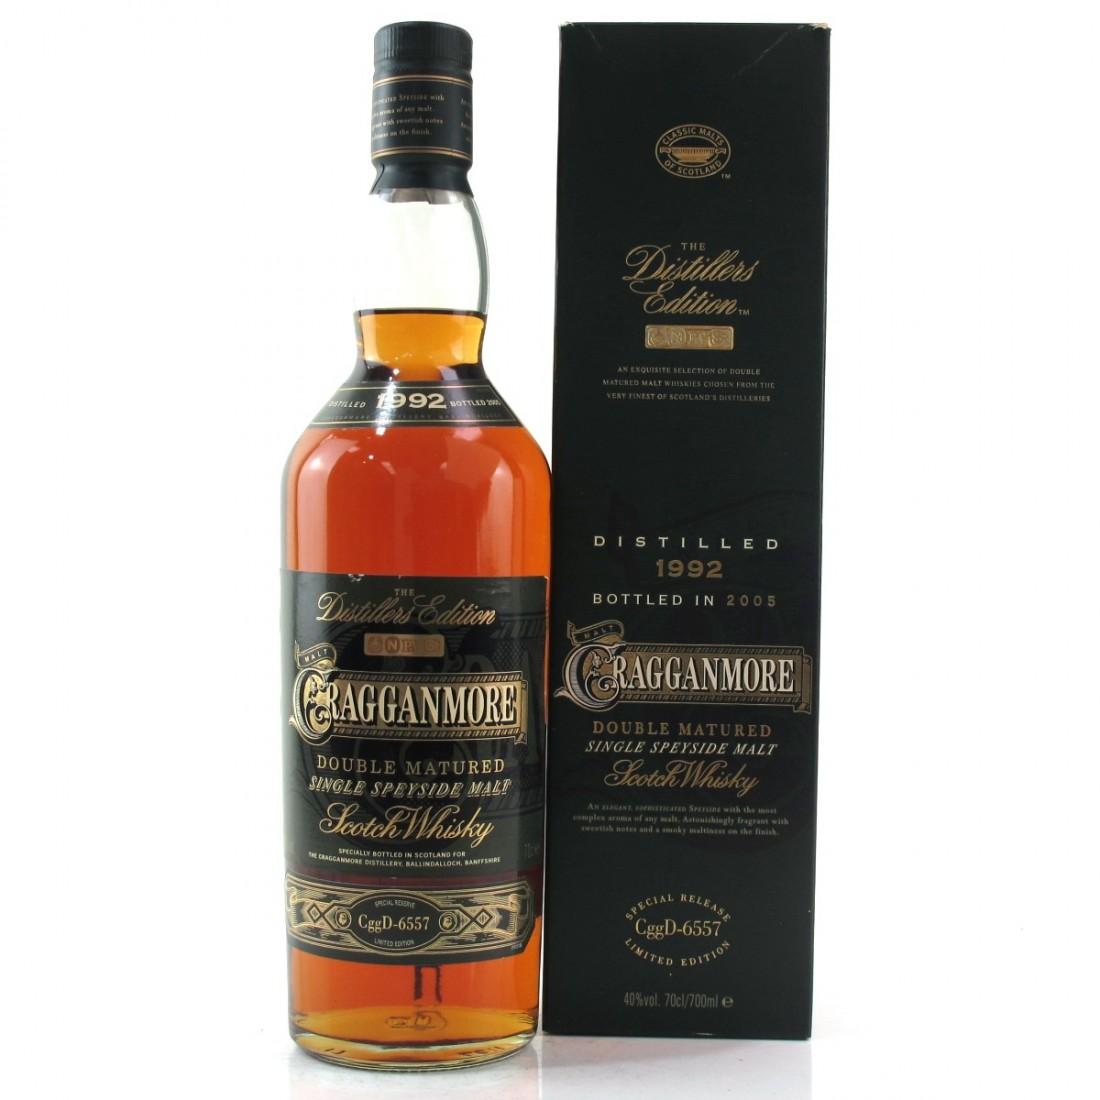 Cragganmore 1992 Distillers Edition 2005